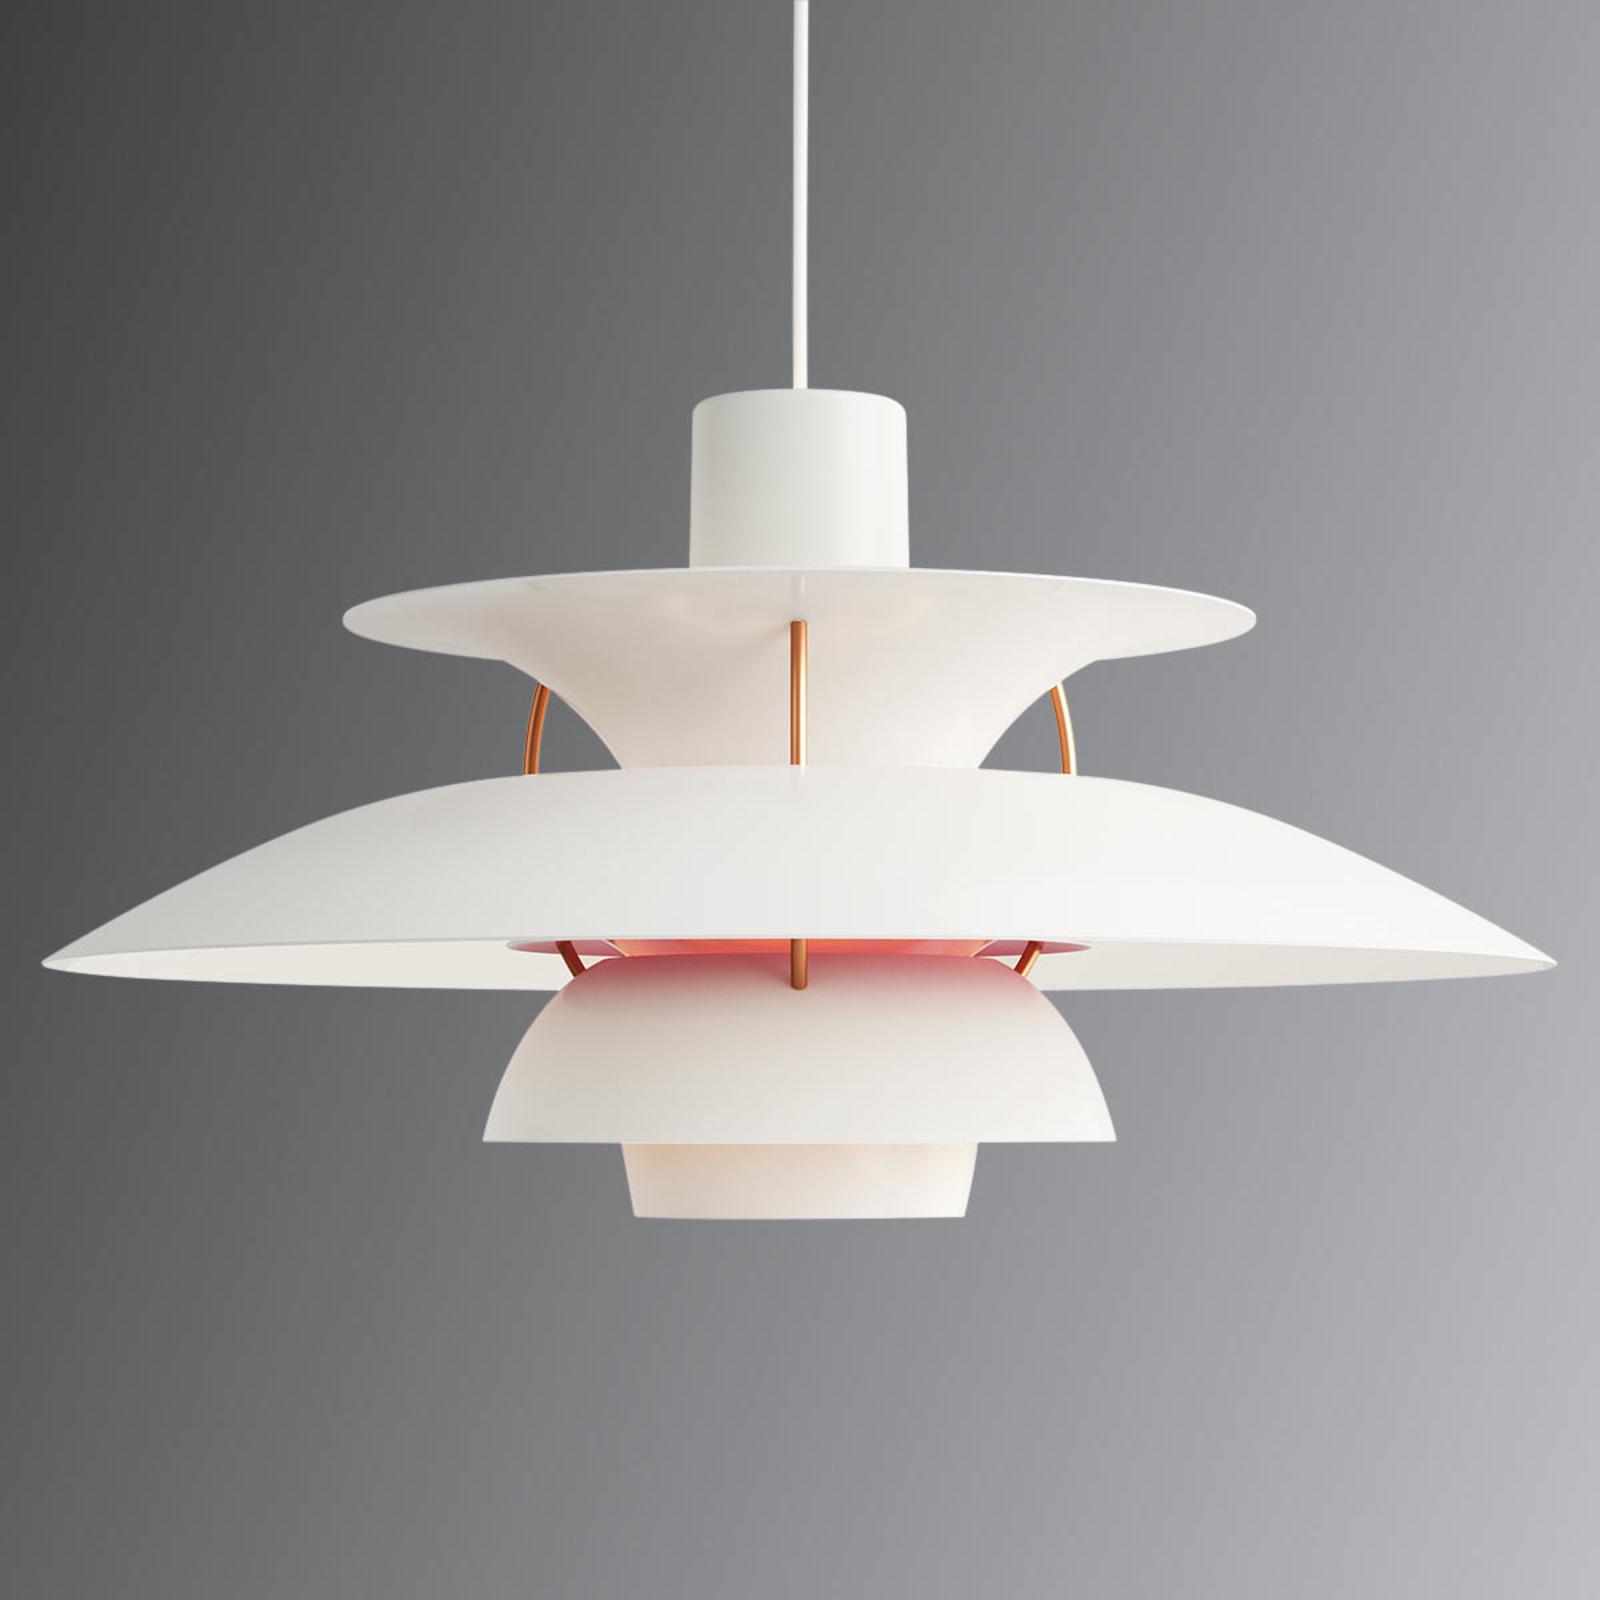 Deense designer hanglamp PH 5, wit